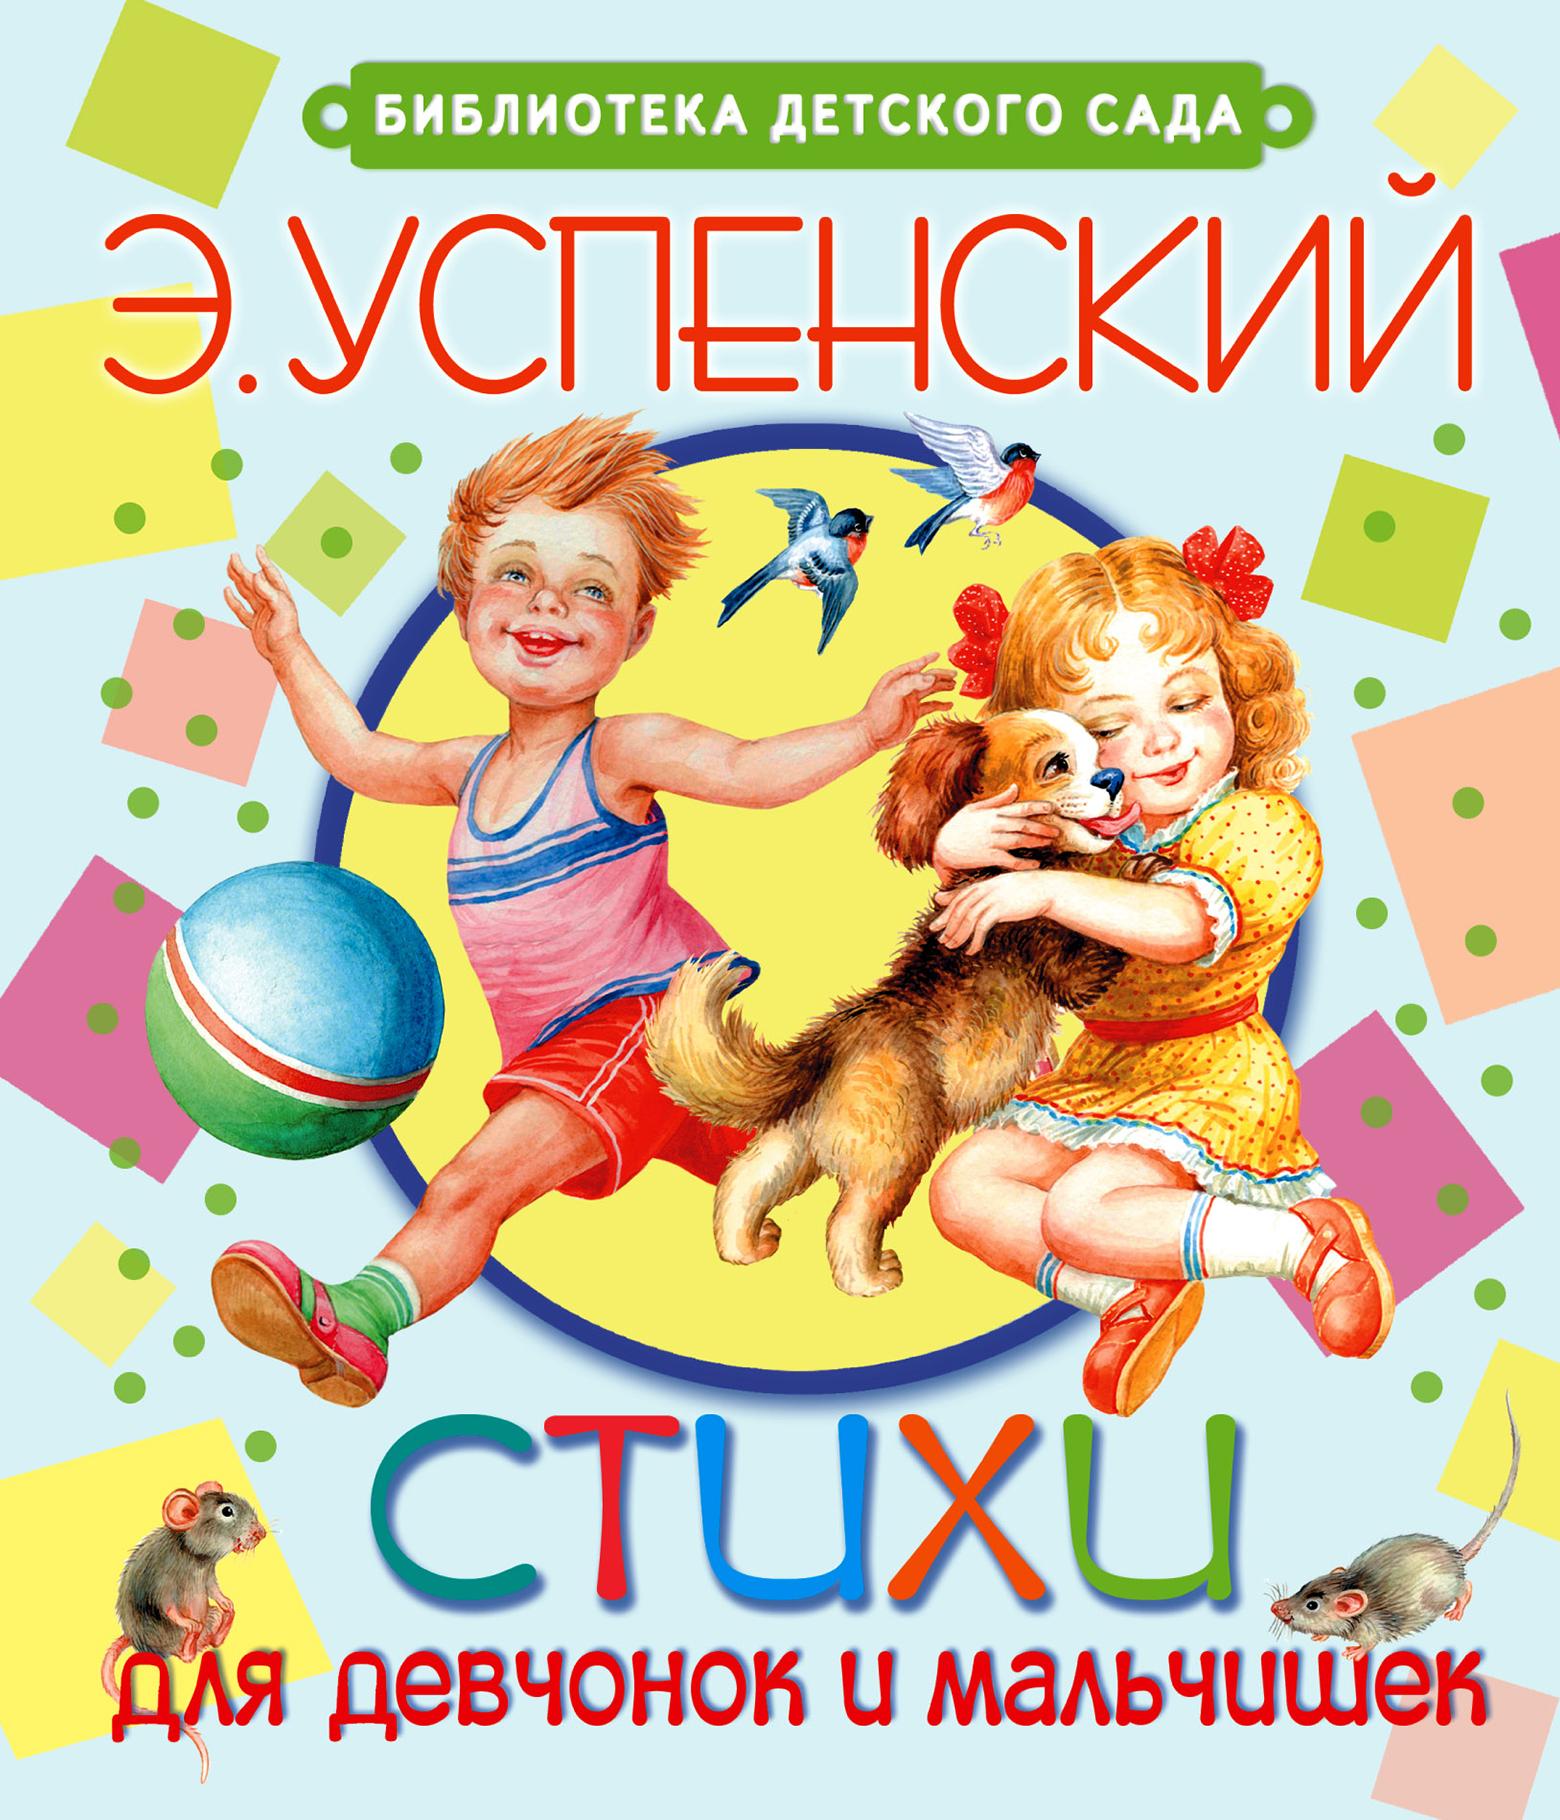 Эдуард Успенский Стихи для девчонок и мальчишек королев в экономика и рынок для девчонок и мальчишек